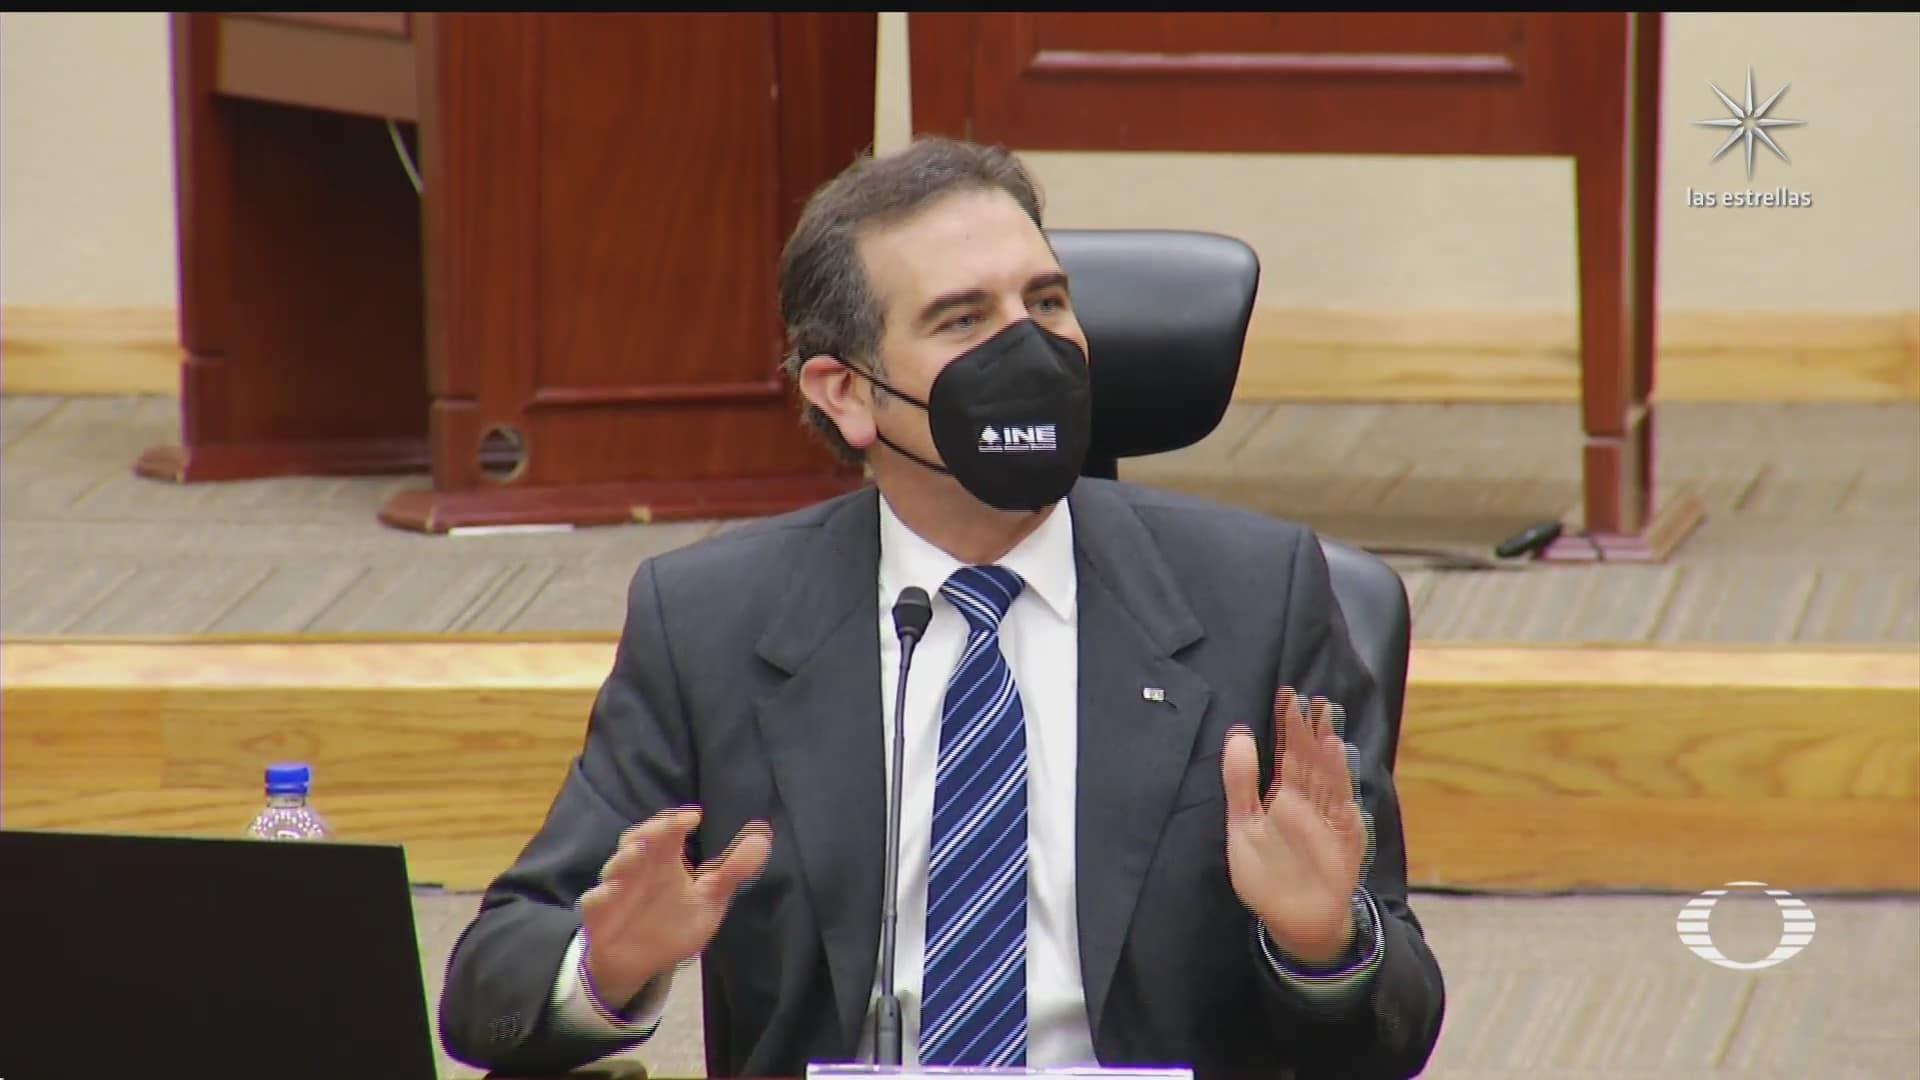 ine pide no enganar a la ciudadania con la pregunta de la consulta de expresidentes